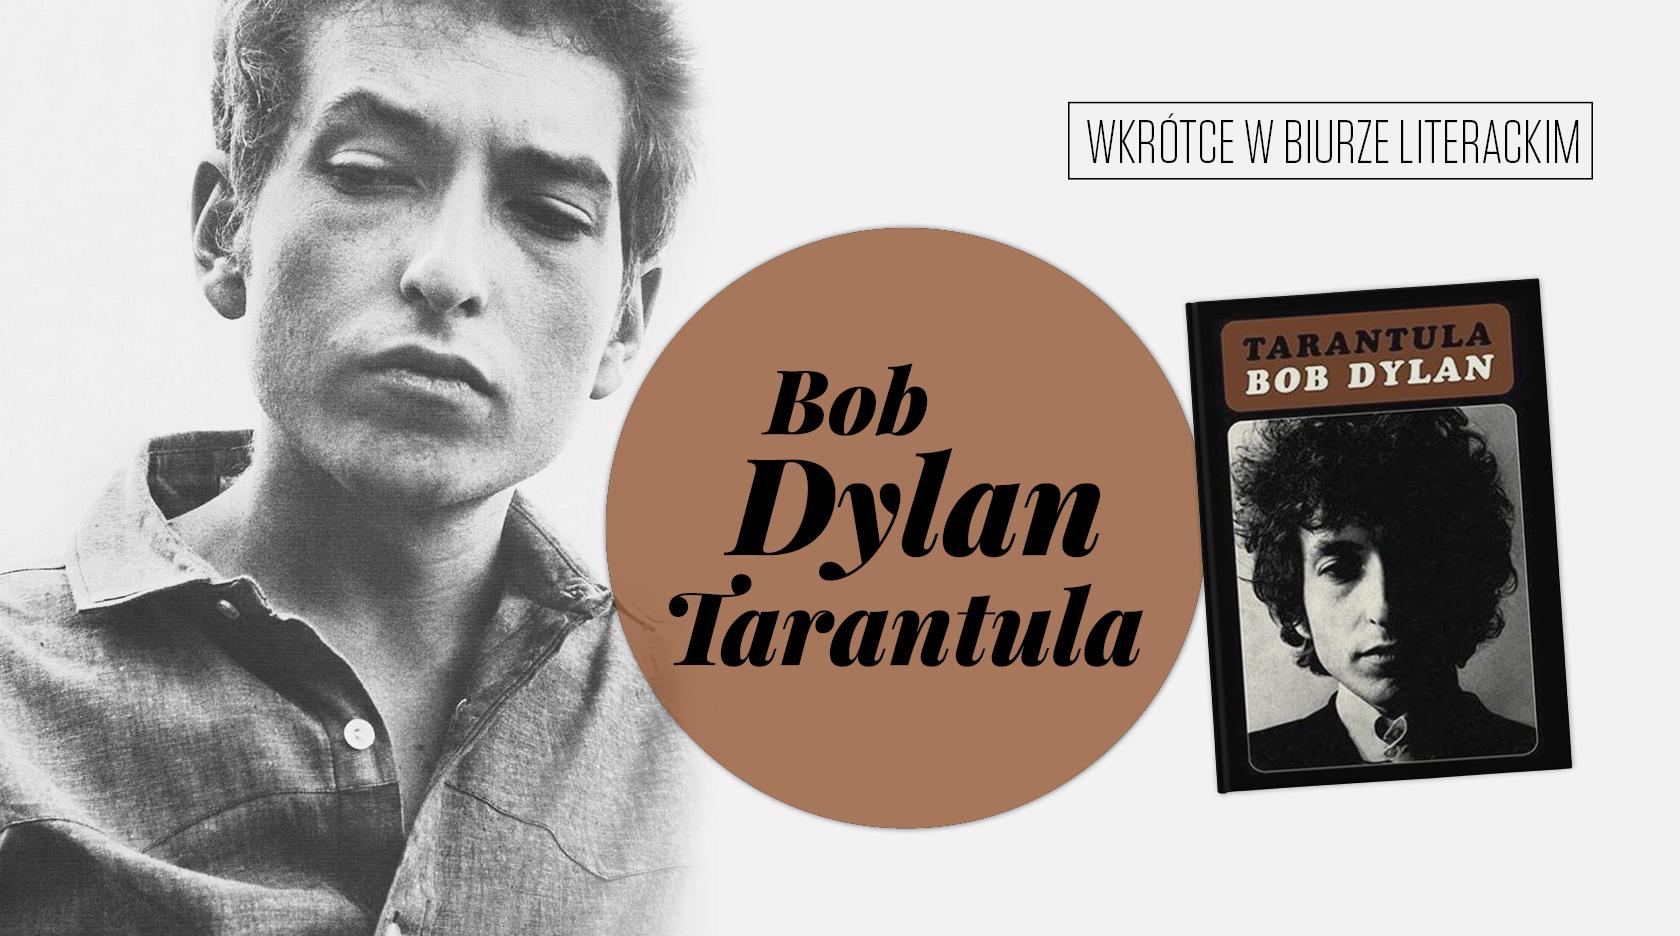 BL Img 2017.11.02 Legendarna proza Boba Dylana w Biurze Liter